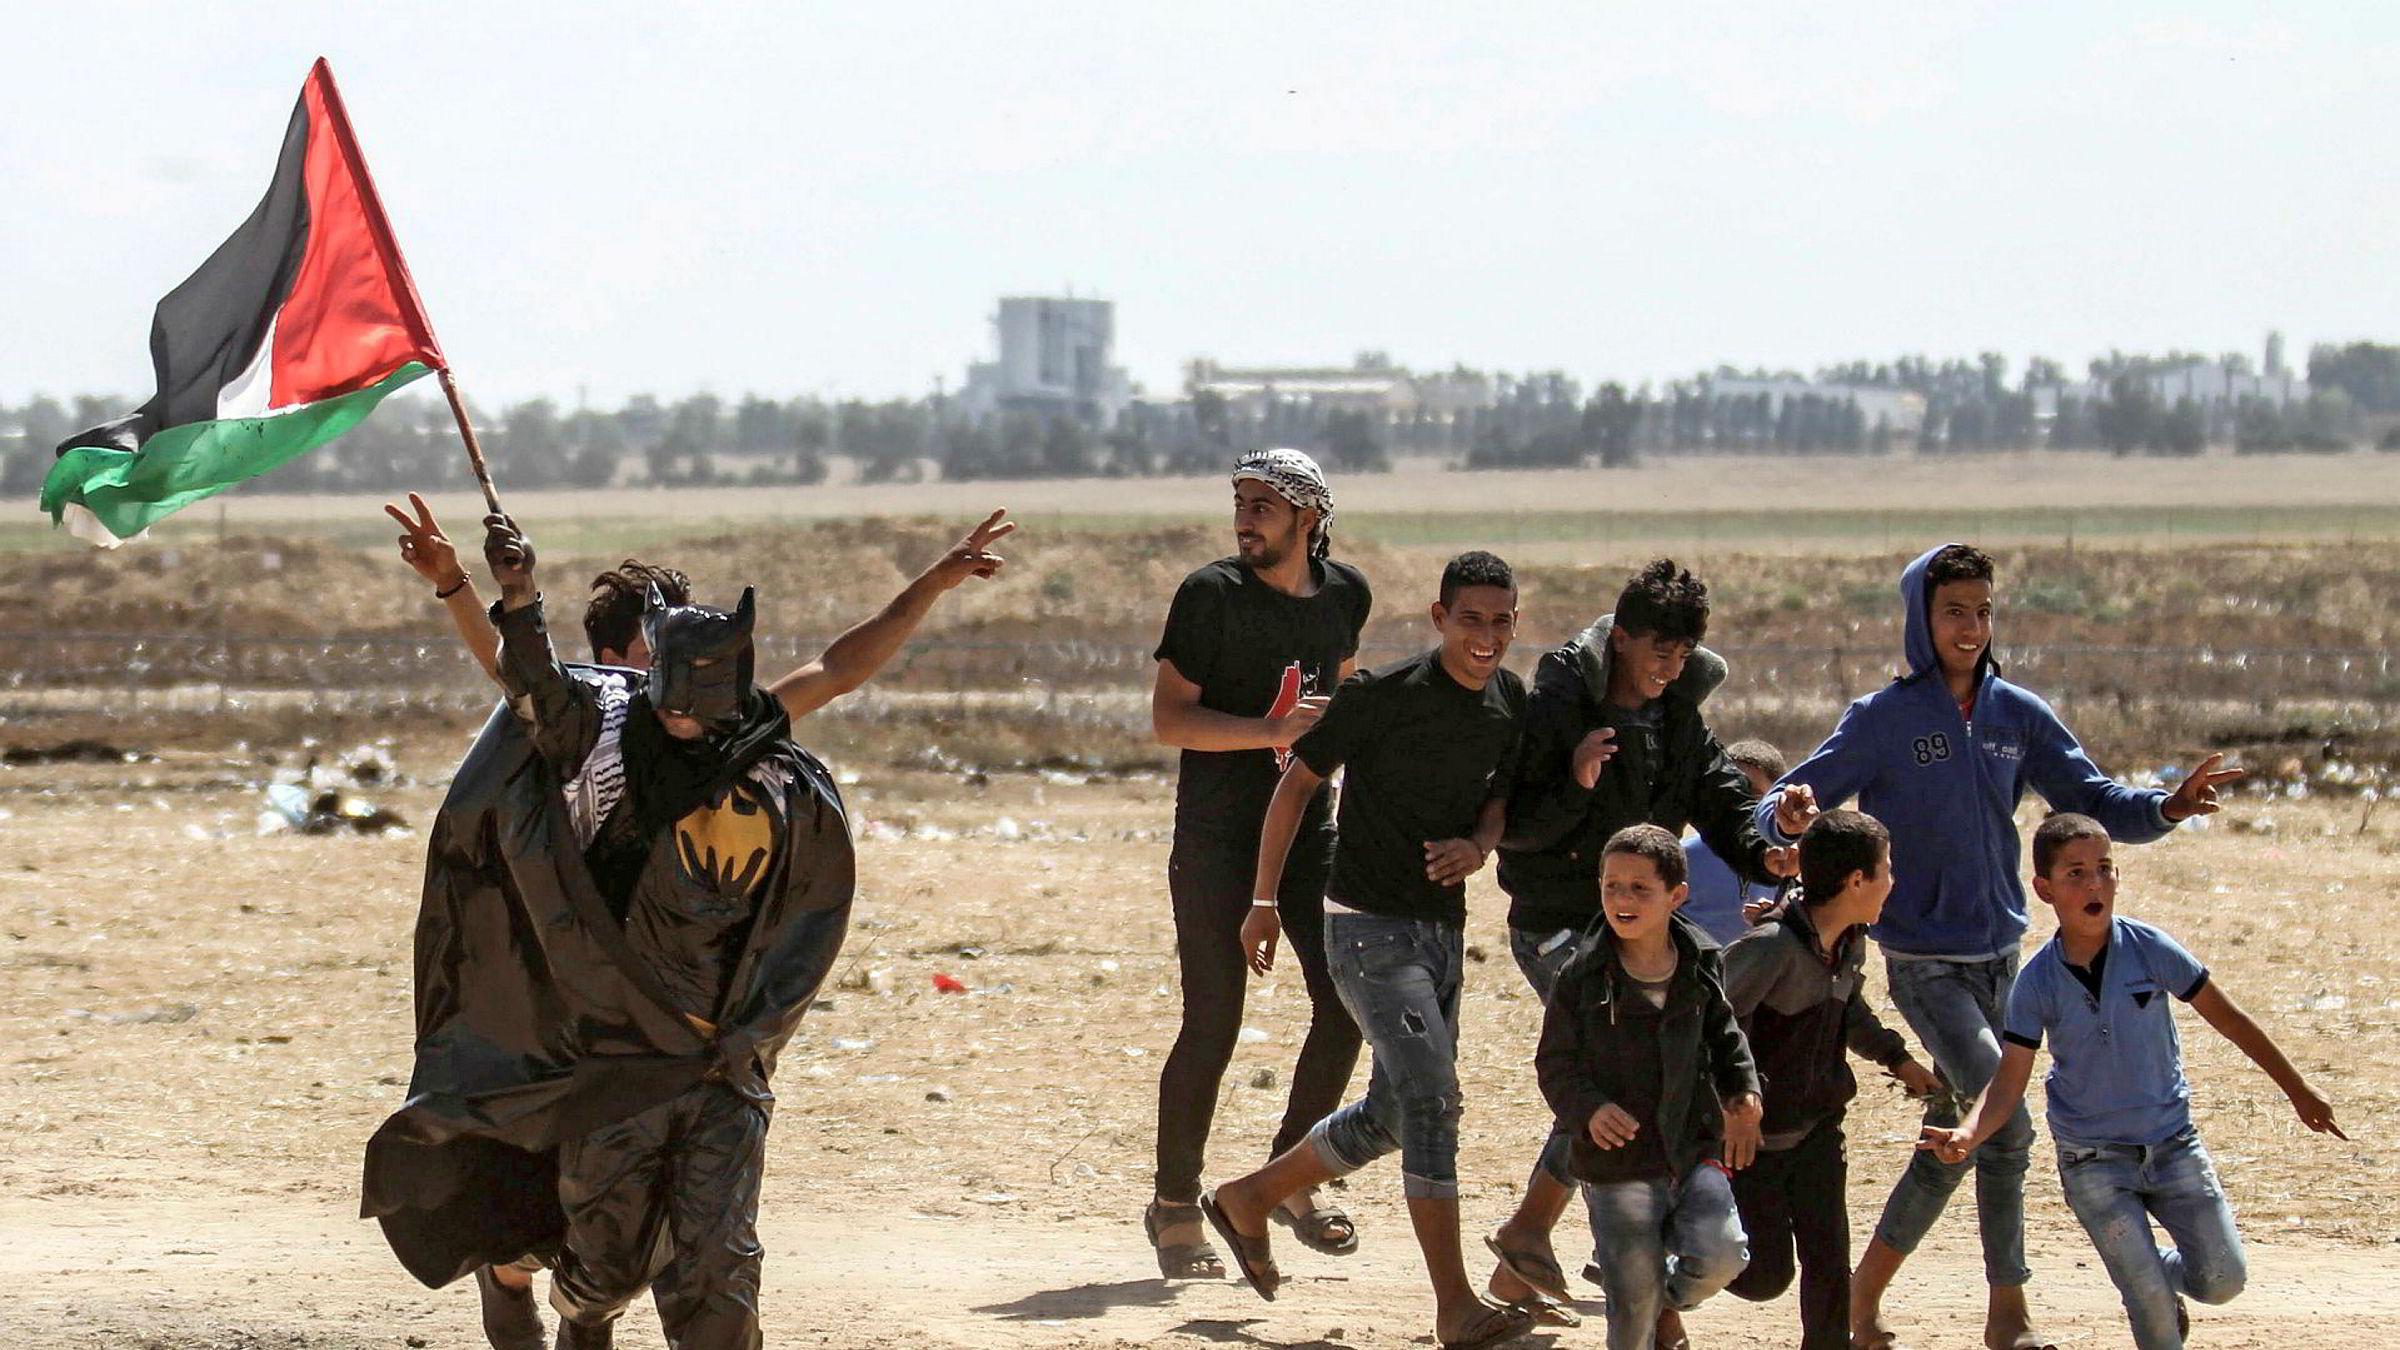 Dagens jødiske stat vil aldri tillate at fem millioner palestinere får komme tilbake til stedene der deres foreldre, besteforeldre og delvis oldeforeldre flyktet fra. Her palestinske demonstranter ved Israel-Gaza-grensen.